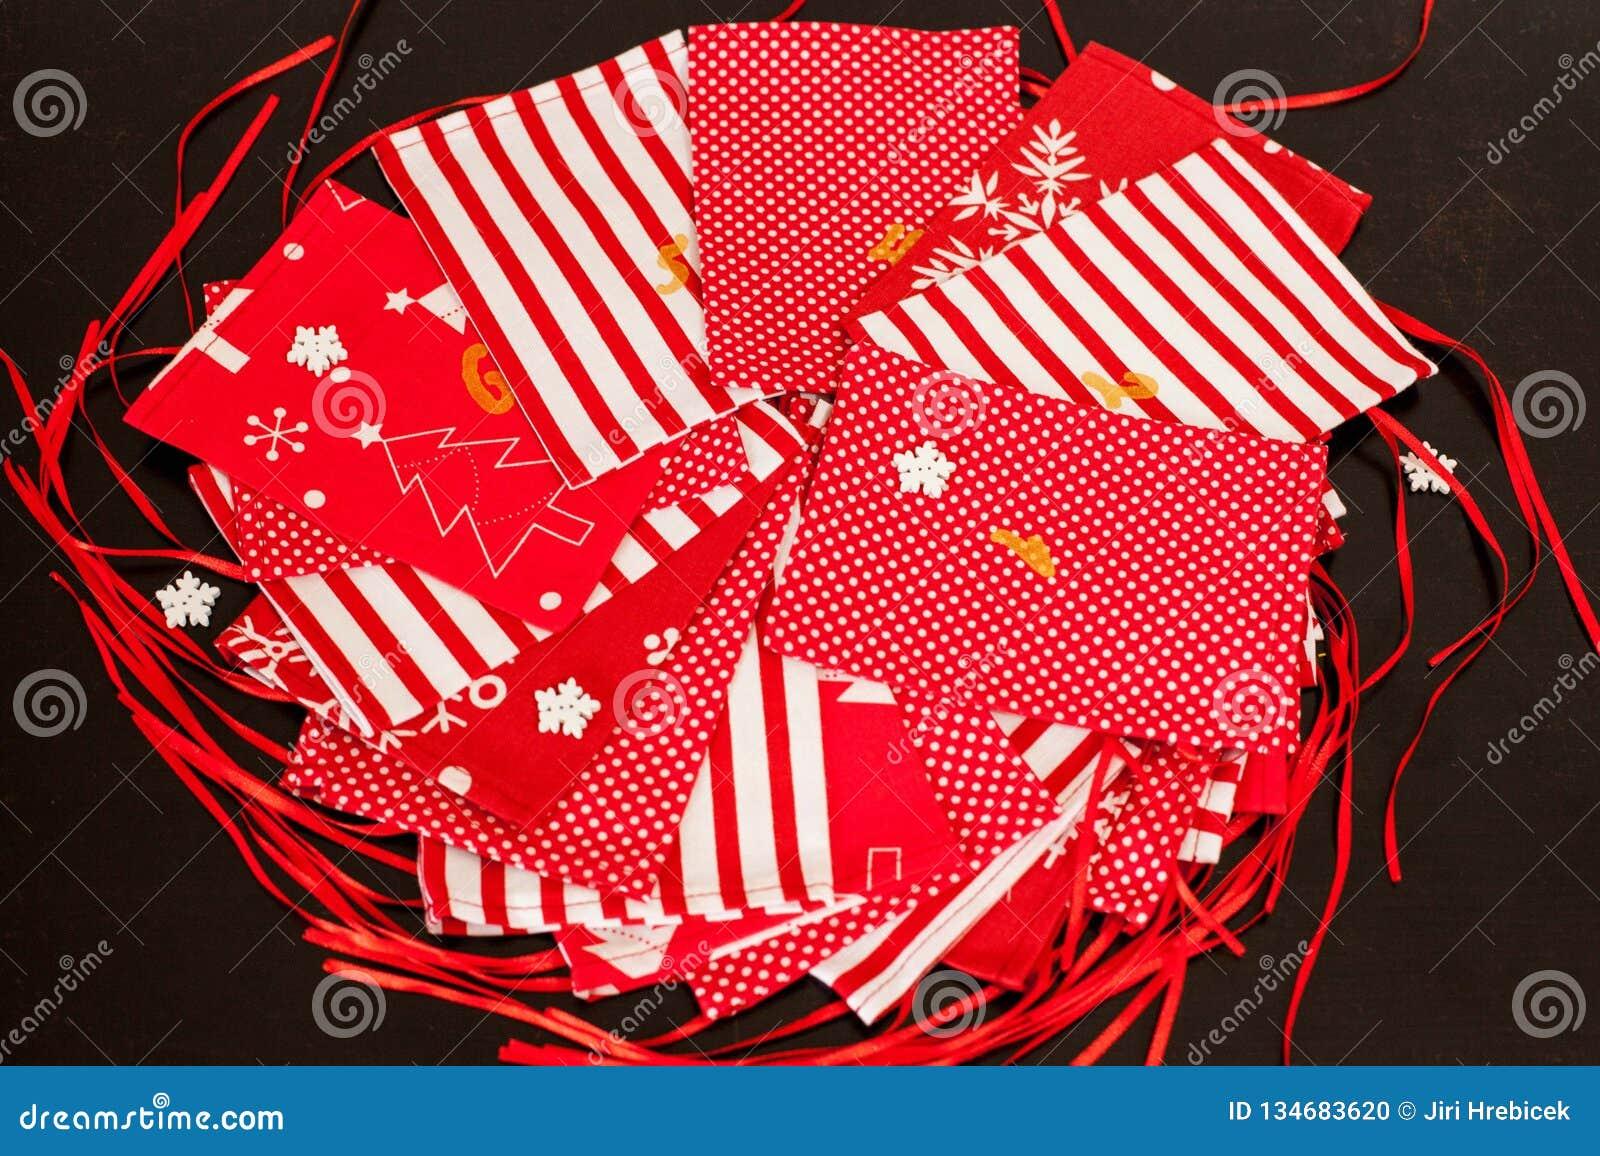 Χειροποίητο ημερολόγιο εμφάνισης Χριστουγέννων για τα παιδιά, κόκκινη εμφάνιση που αριθμείται τους σάκους έτοιμους να γεμιστούν ε